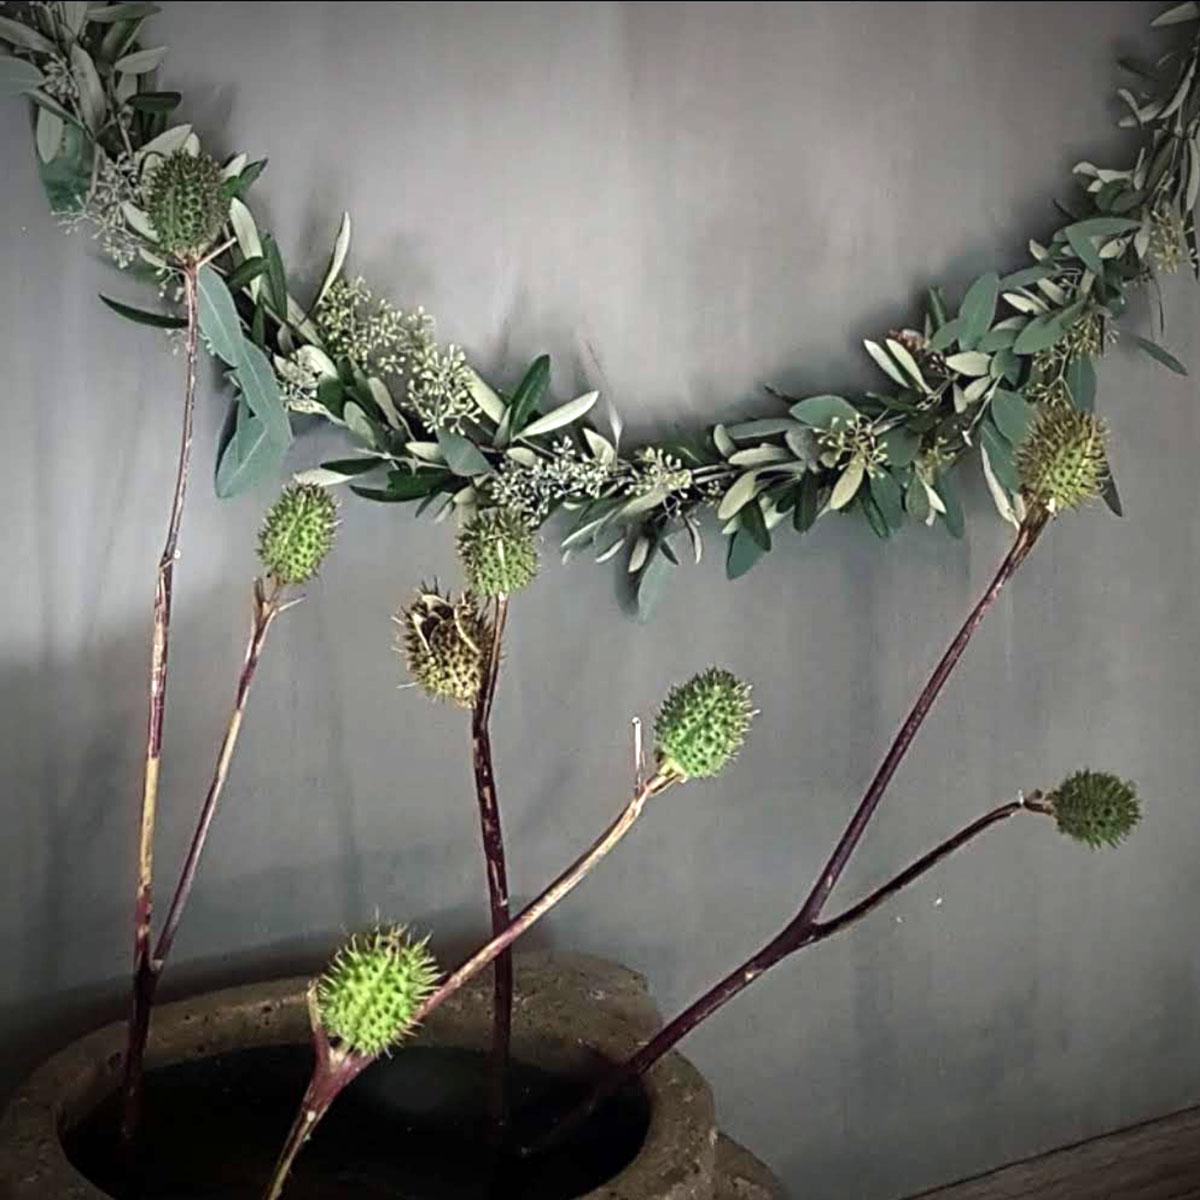 Foto van Moongate XL Eucolive met decoratiebloemen in vaas voor gebruik webshop Antérieur Authentique